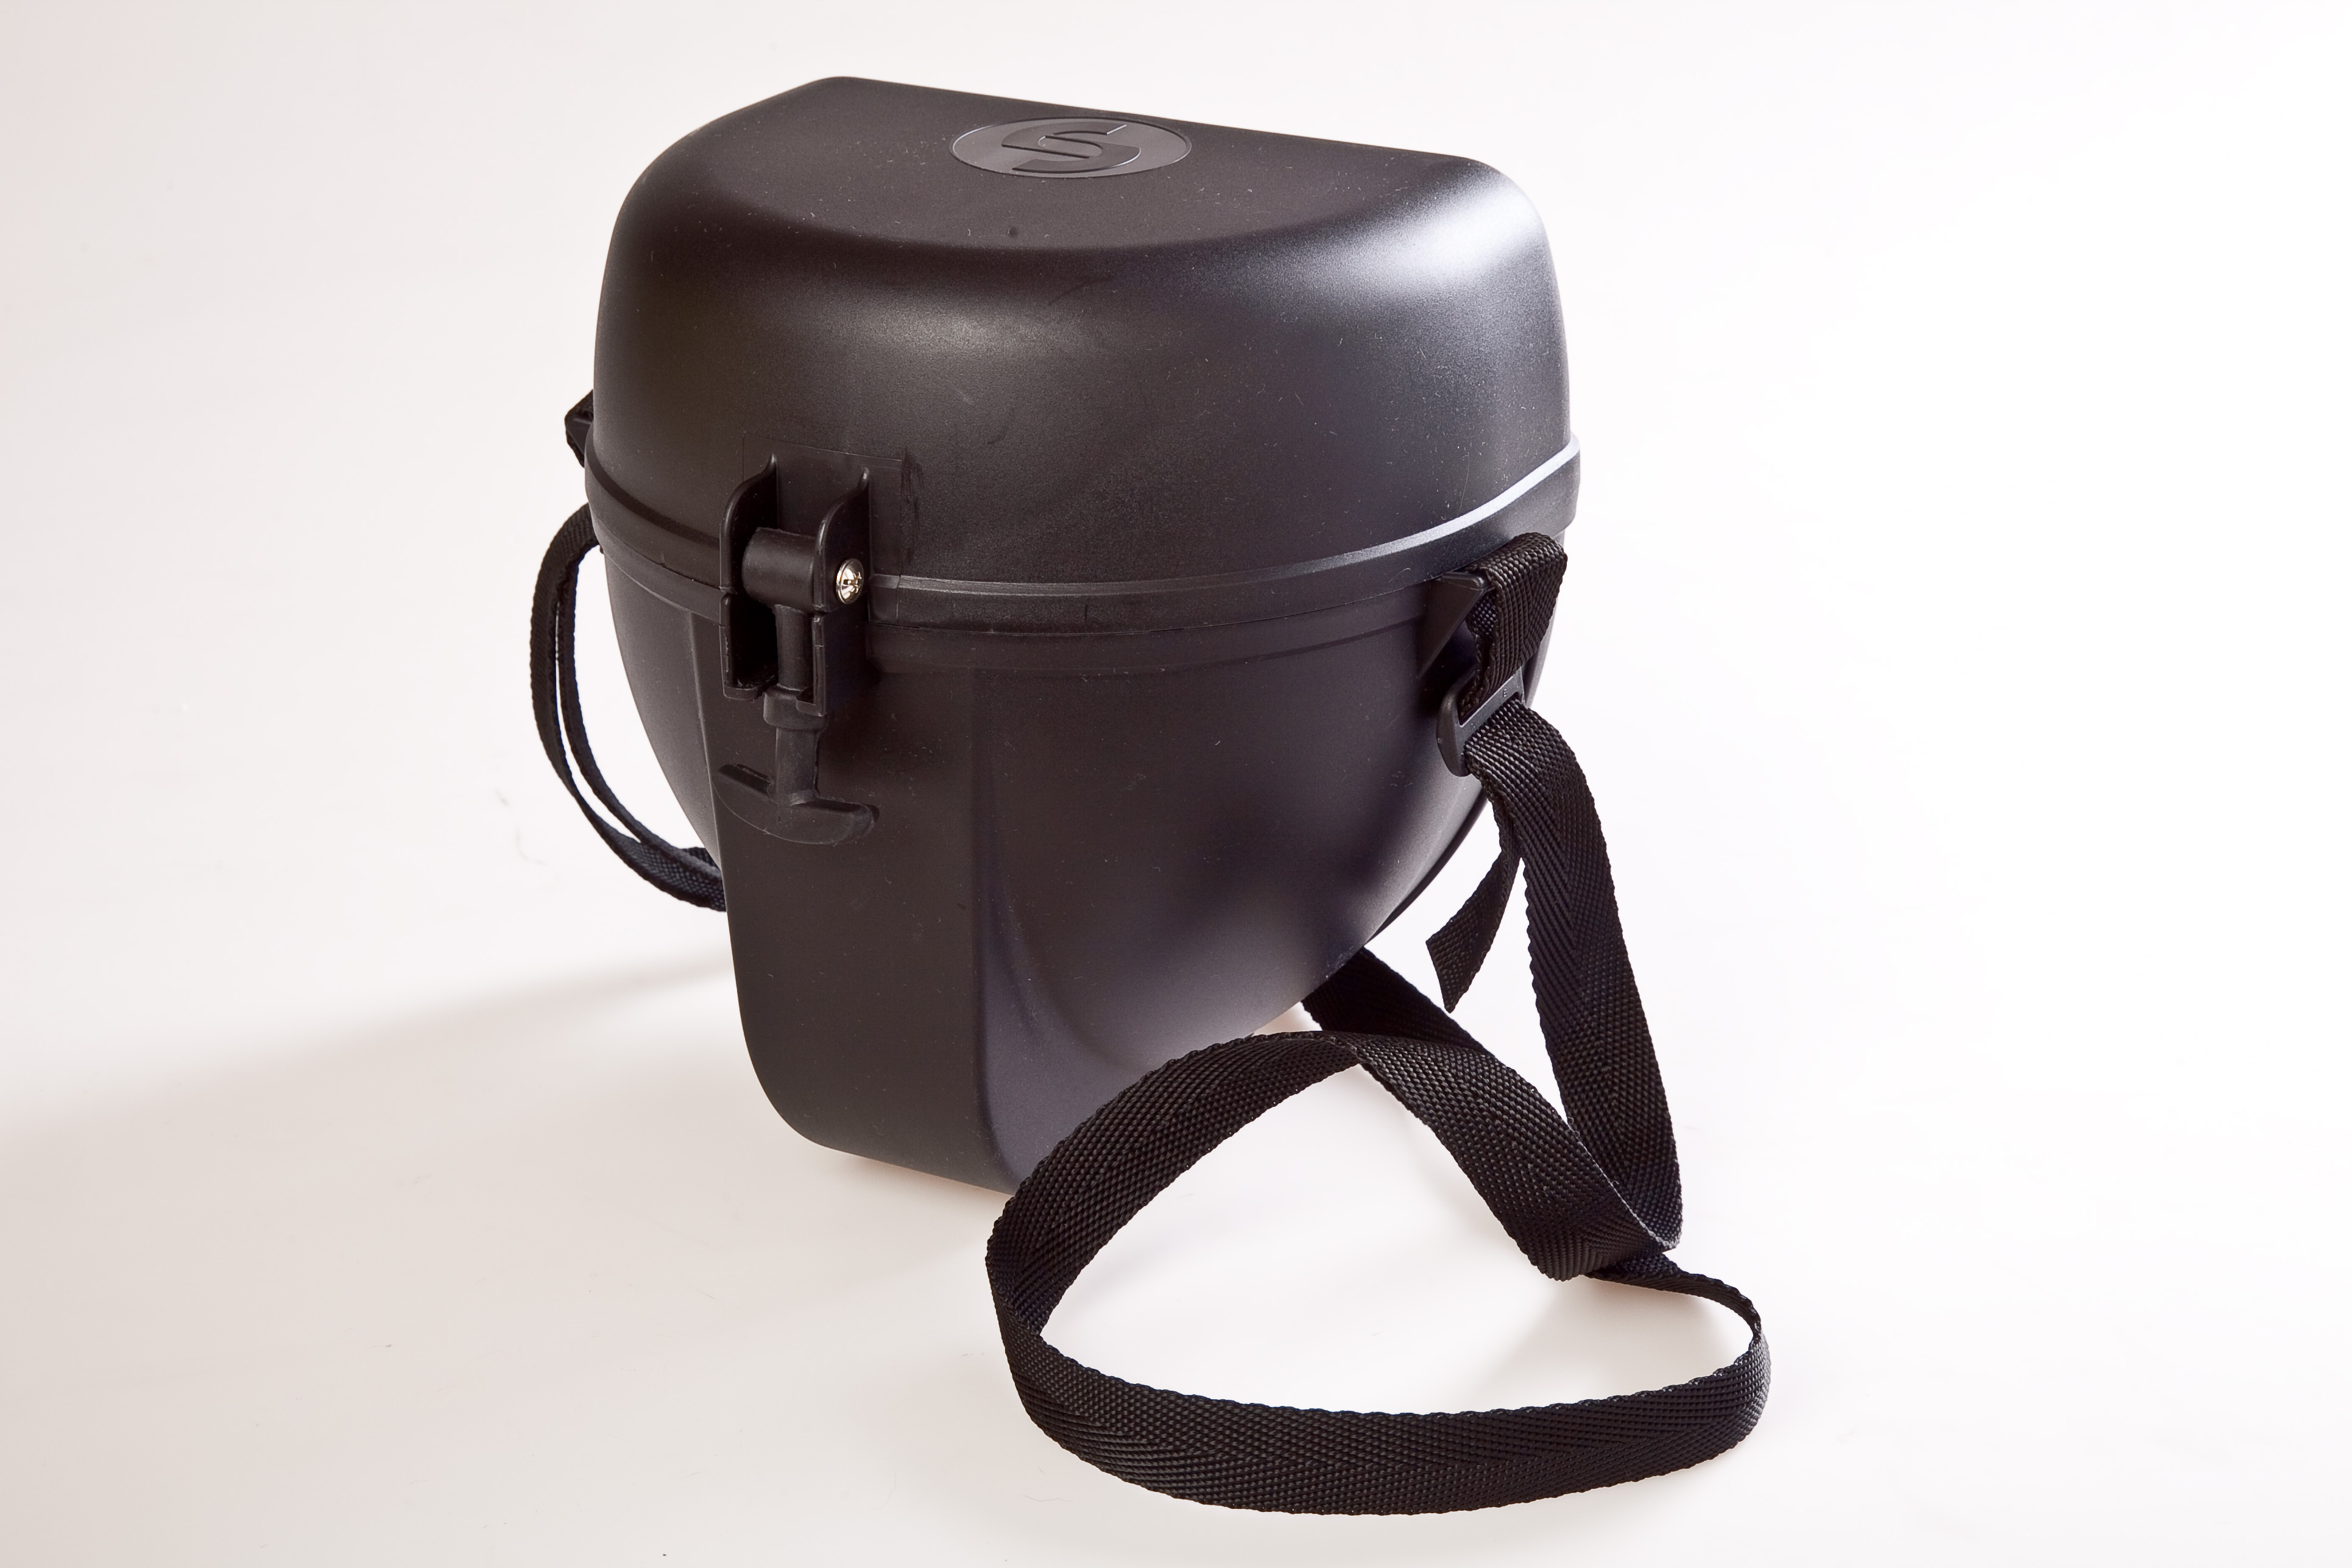 Maskentragedose Aufbewahrungsdose NOVA von Ekastu für Ihre Atemschutzmaske